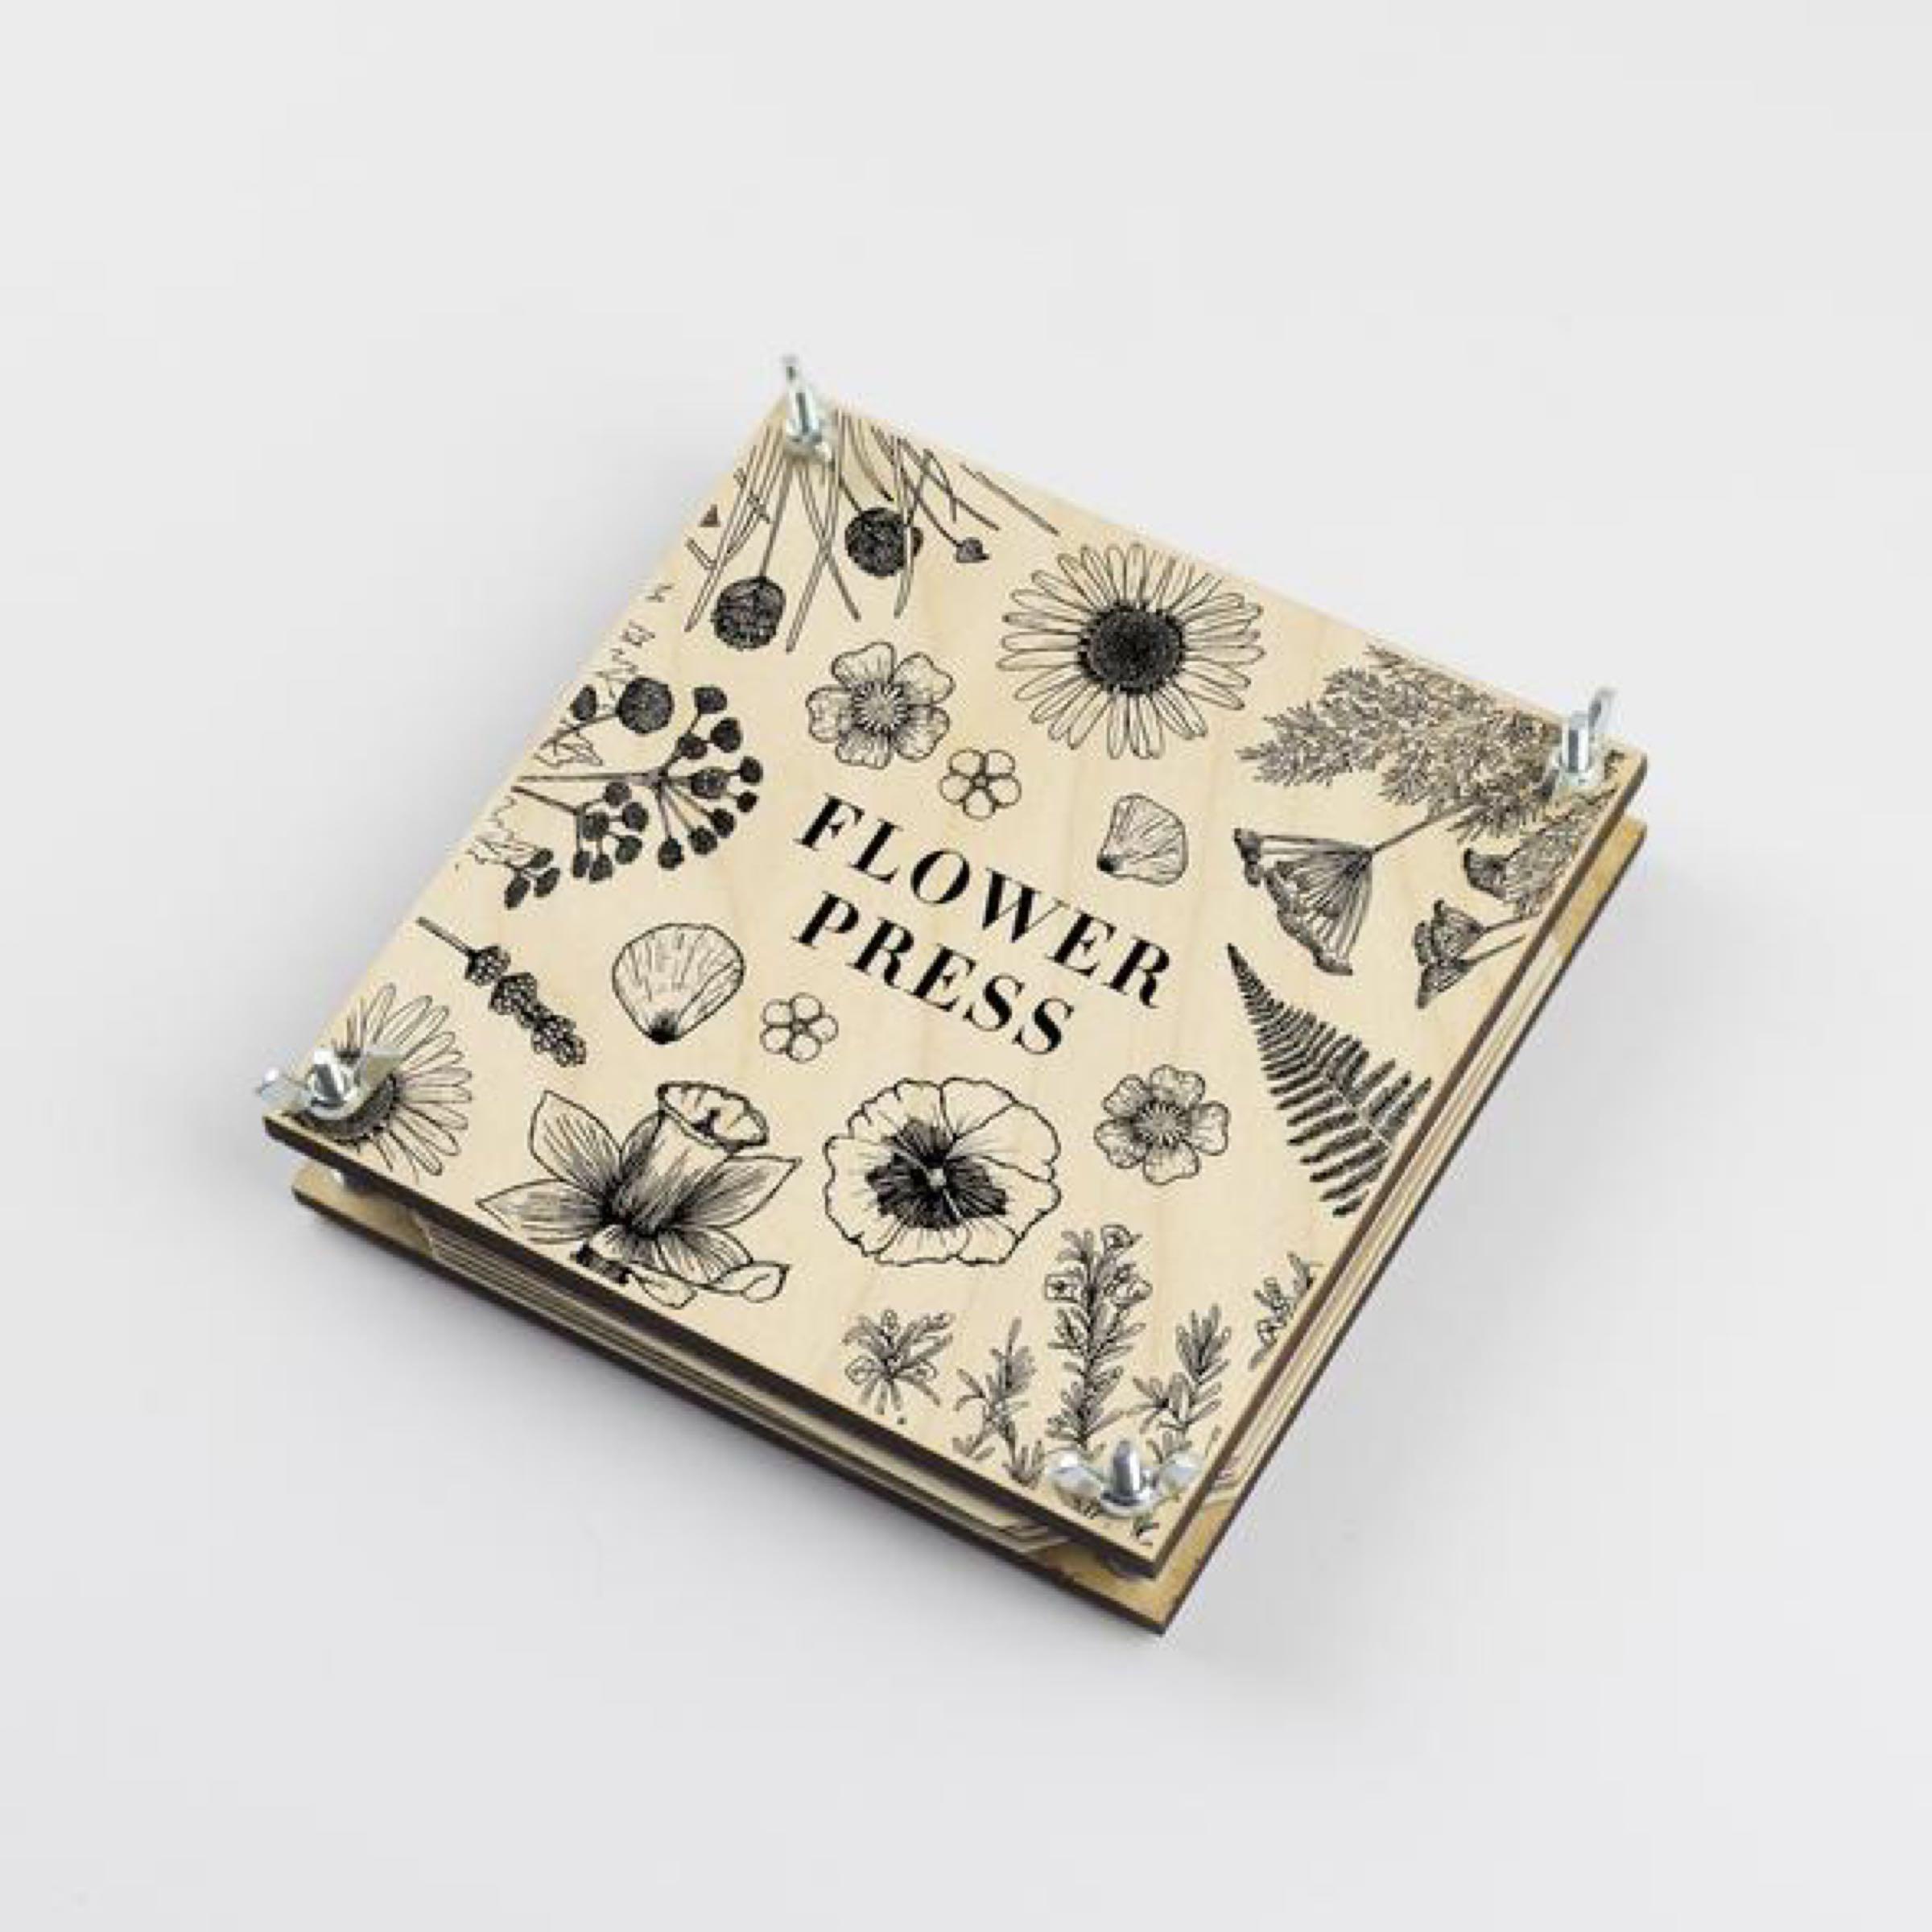 Flower Press - Line by Studio Wald